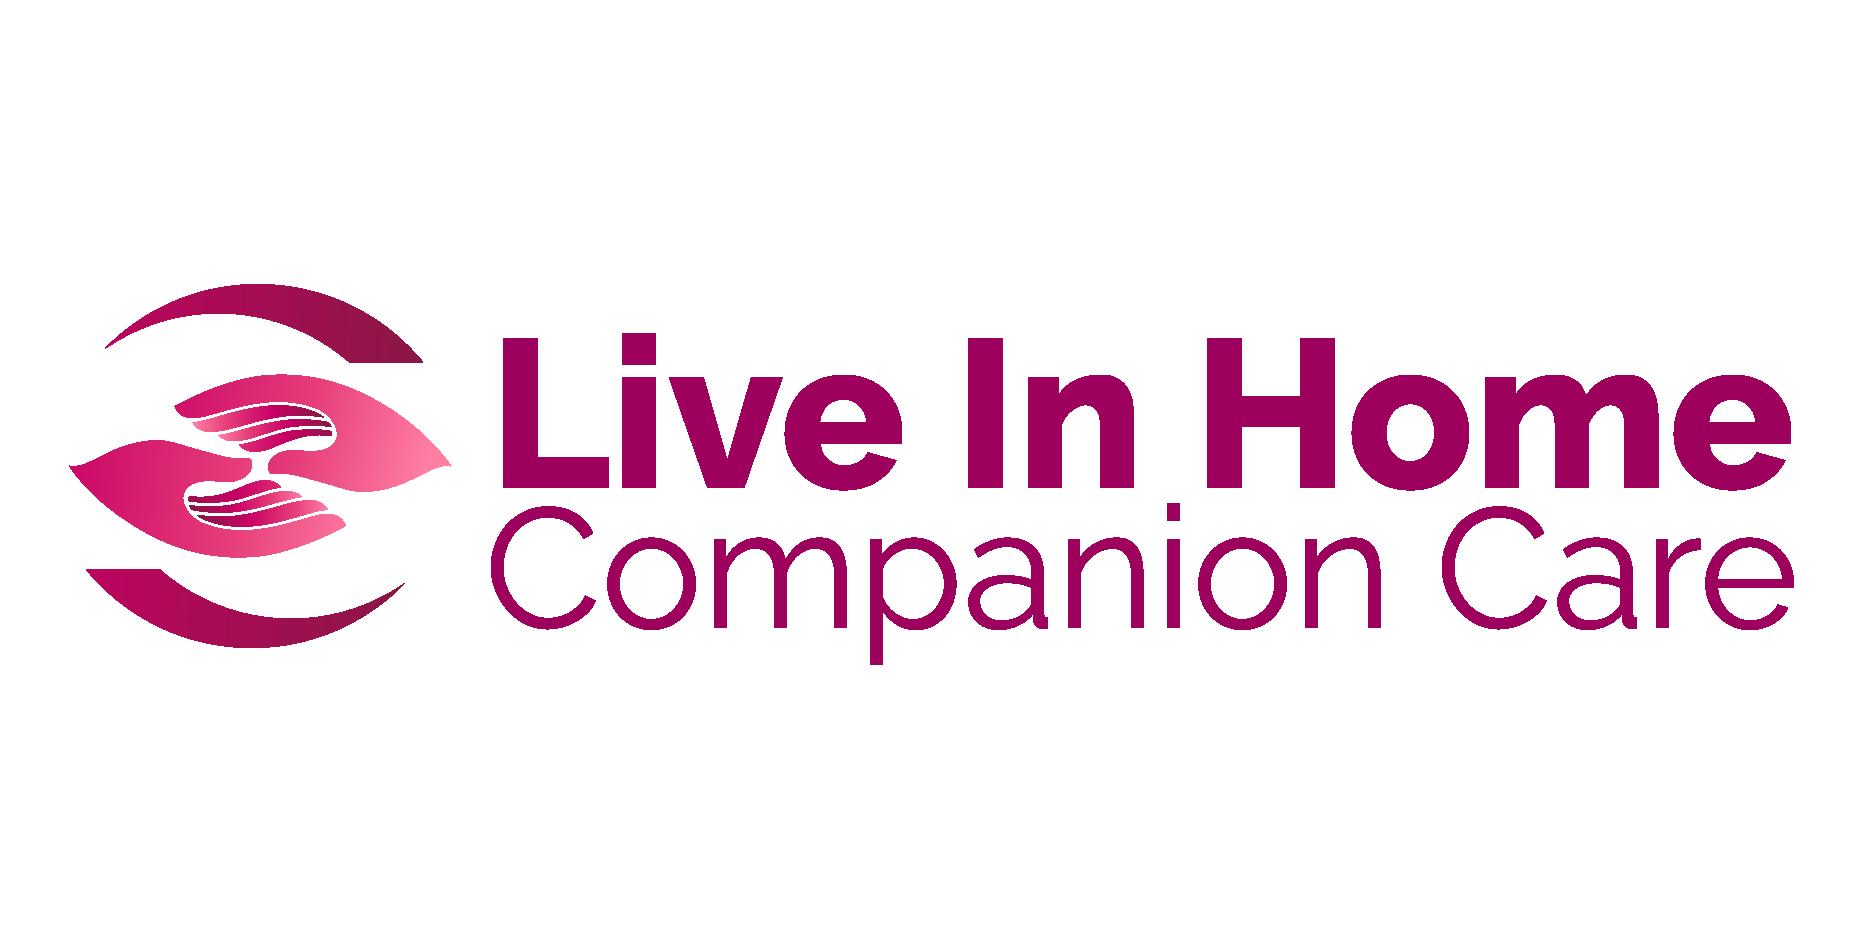 Live In Home Companion Care